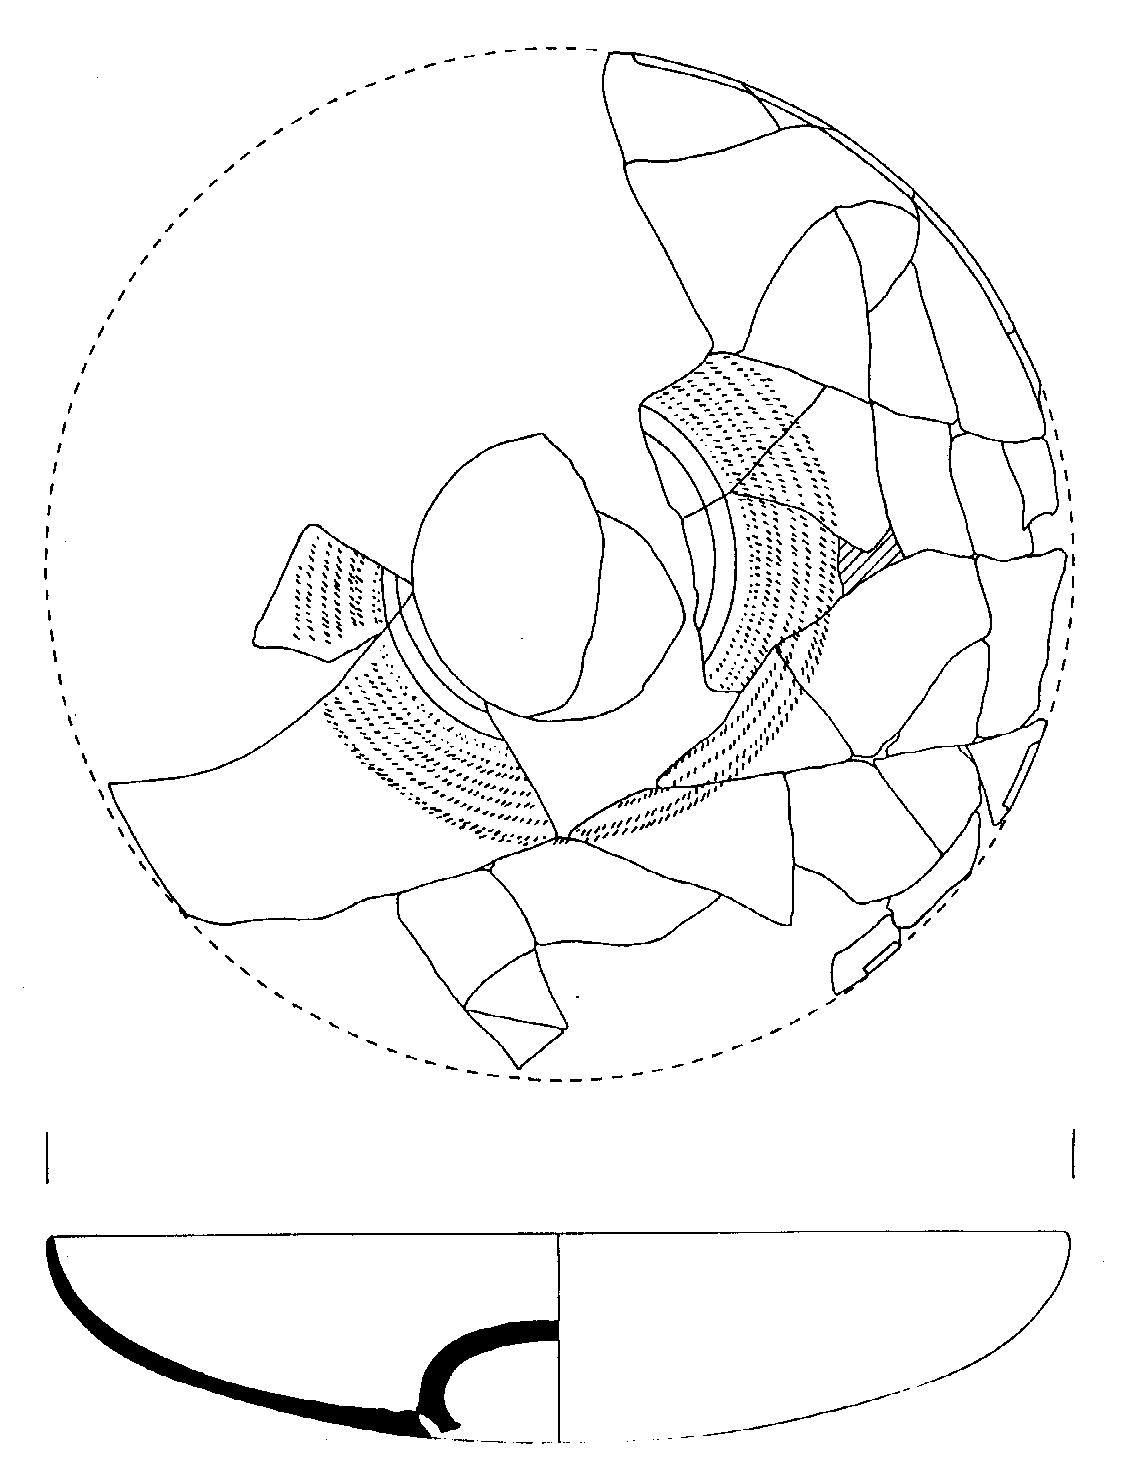 E5 2. Patera drawing